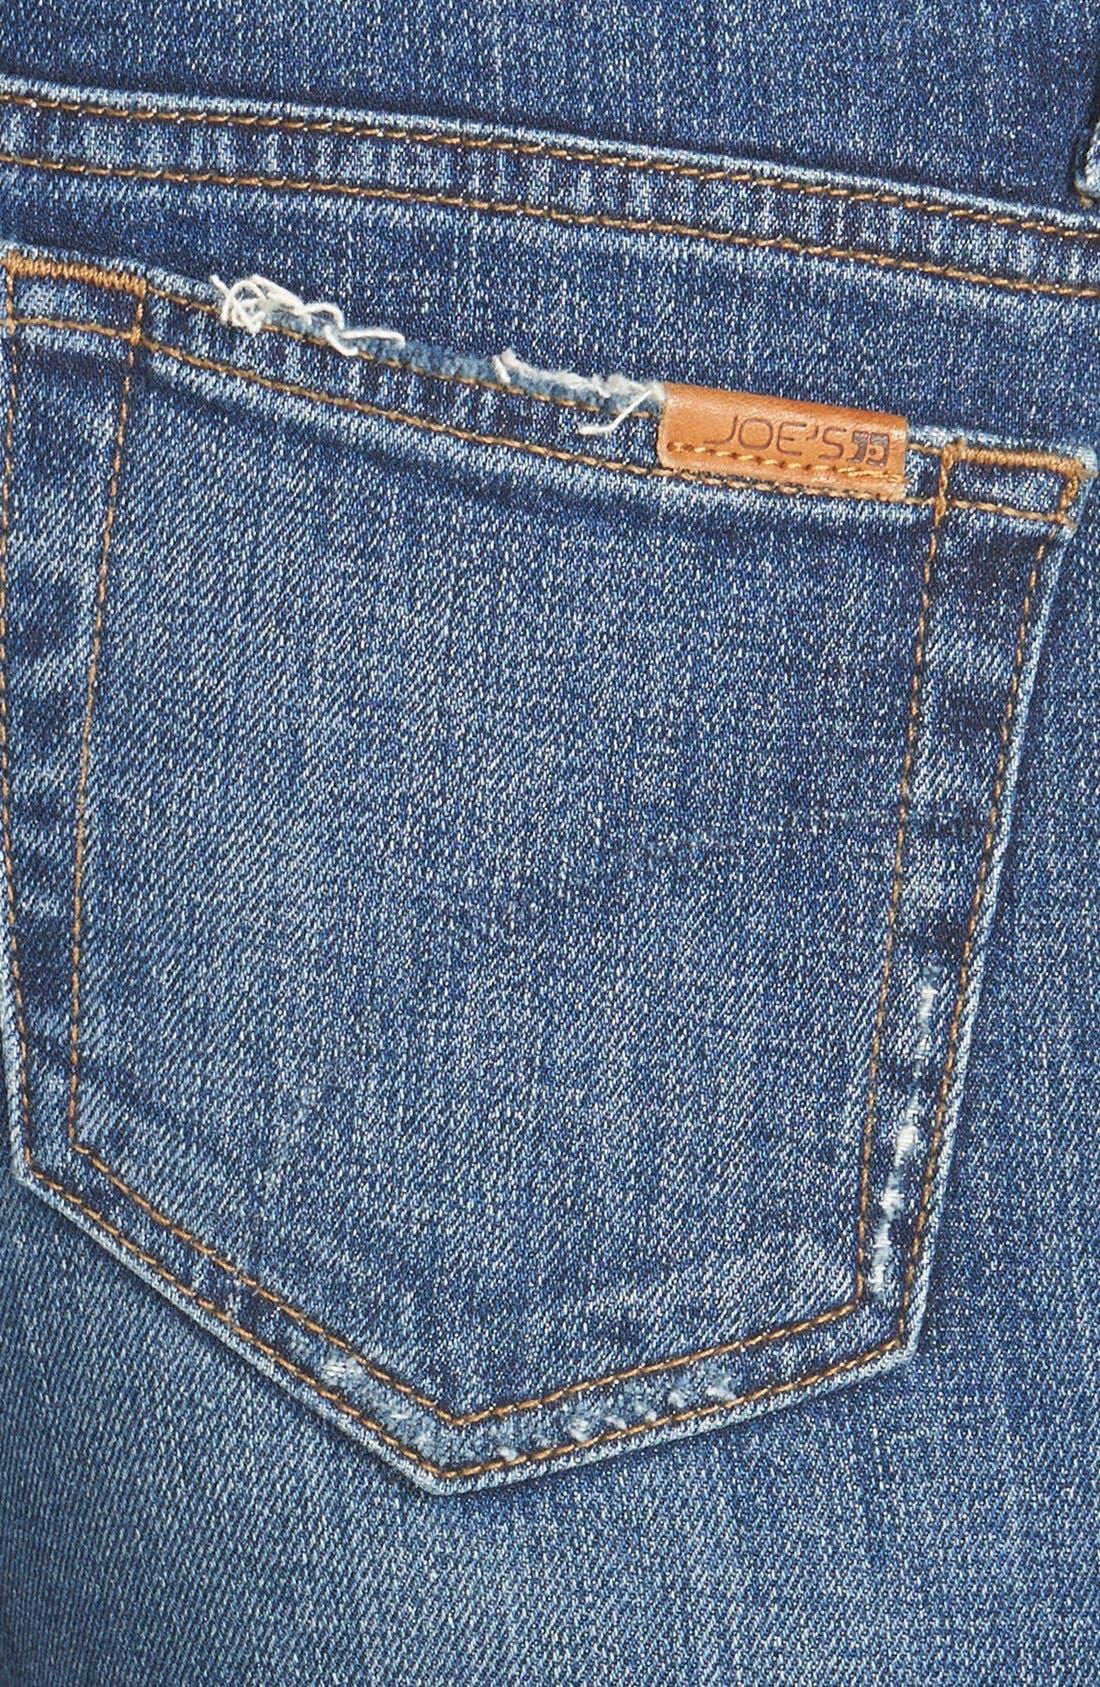 'The Icon' Skinny Jeans,                             Alternate thumbnail 4, color,                             Seneka